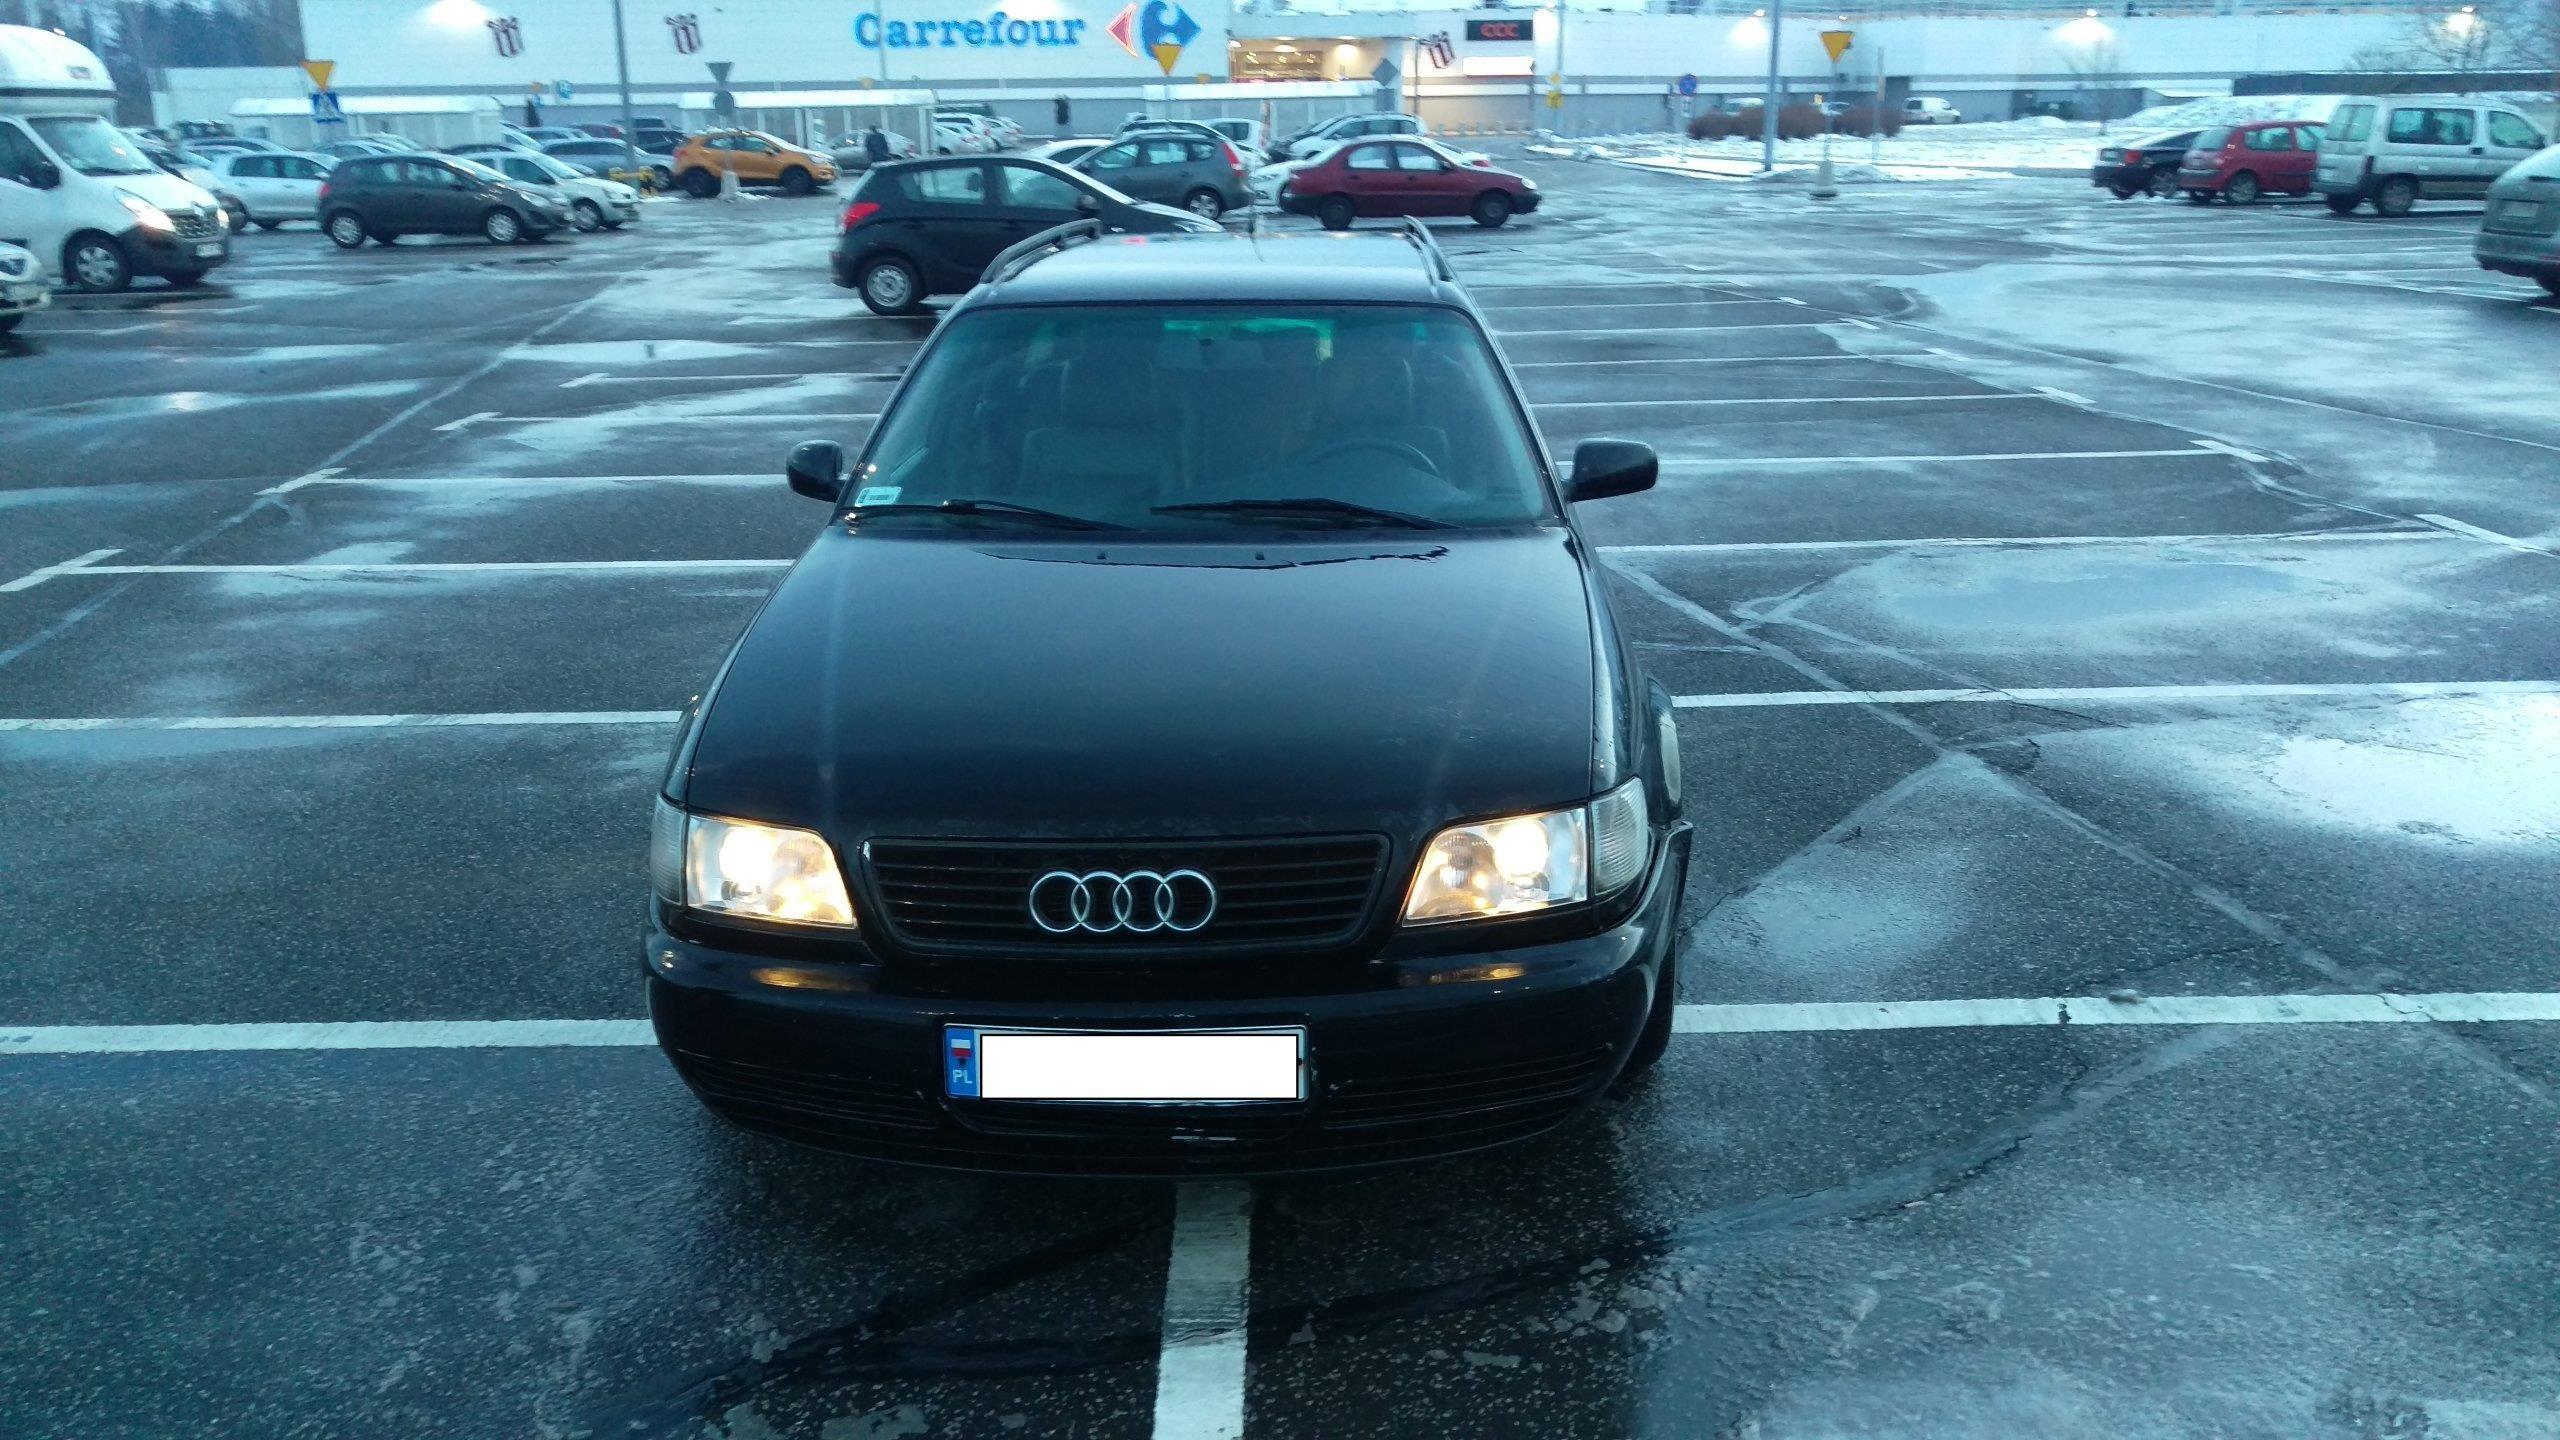 Audi S6 C4 1997 benzyna + LPG 290KM kombi czarny - Opinie i ceny na Ceneo.pl